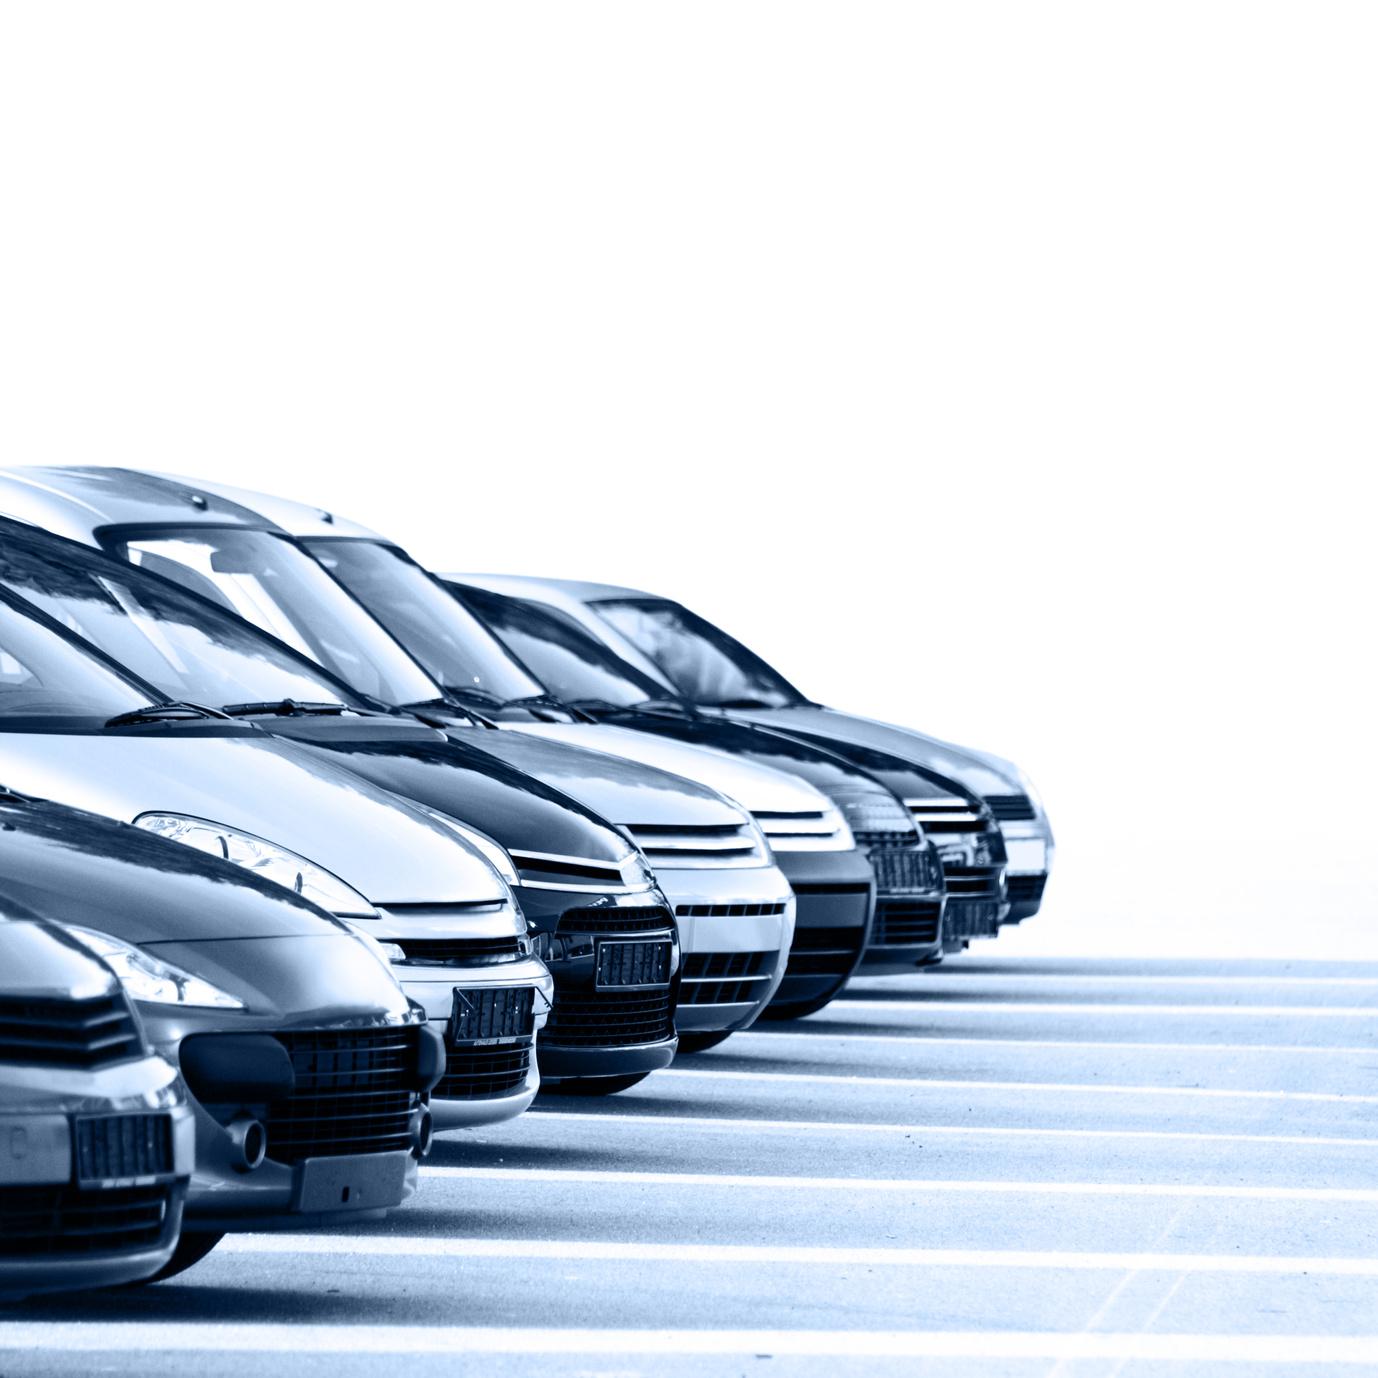 Autovermietungen auf dem Prüfstand: Bei wem sind Service und Preise am besten?